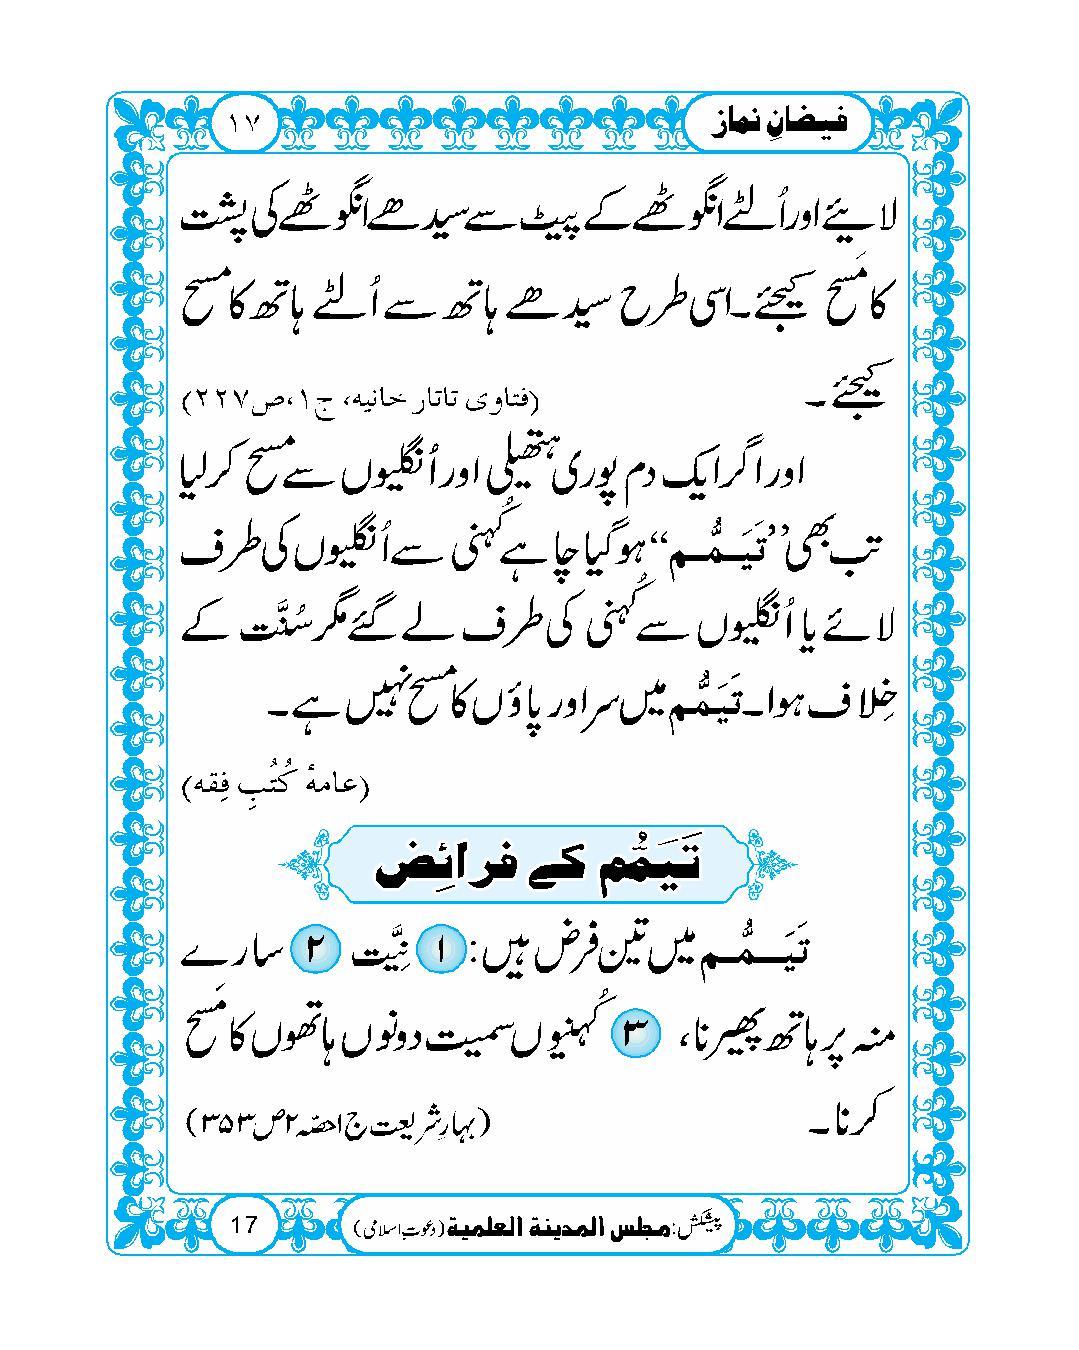 page No 17